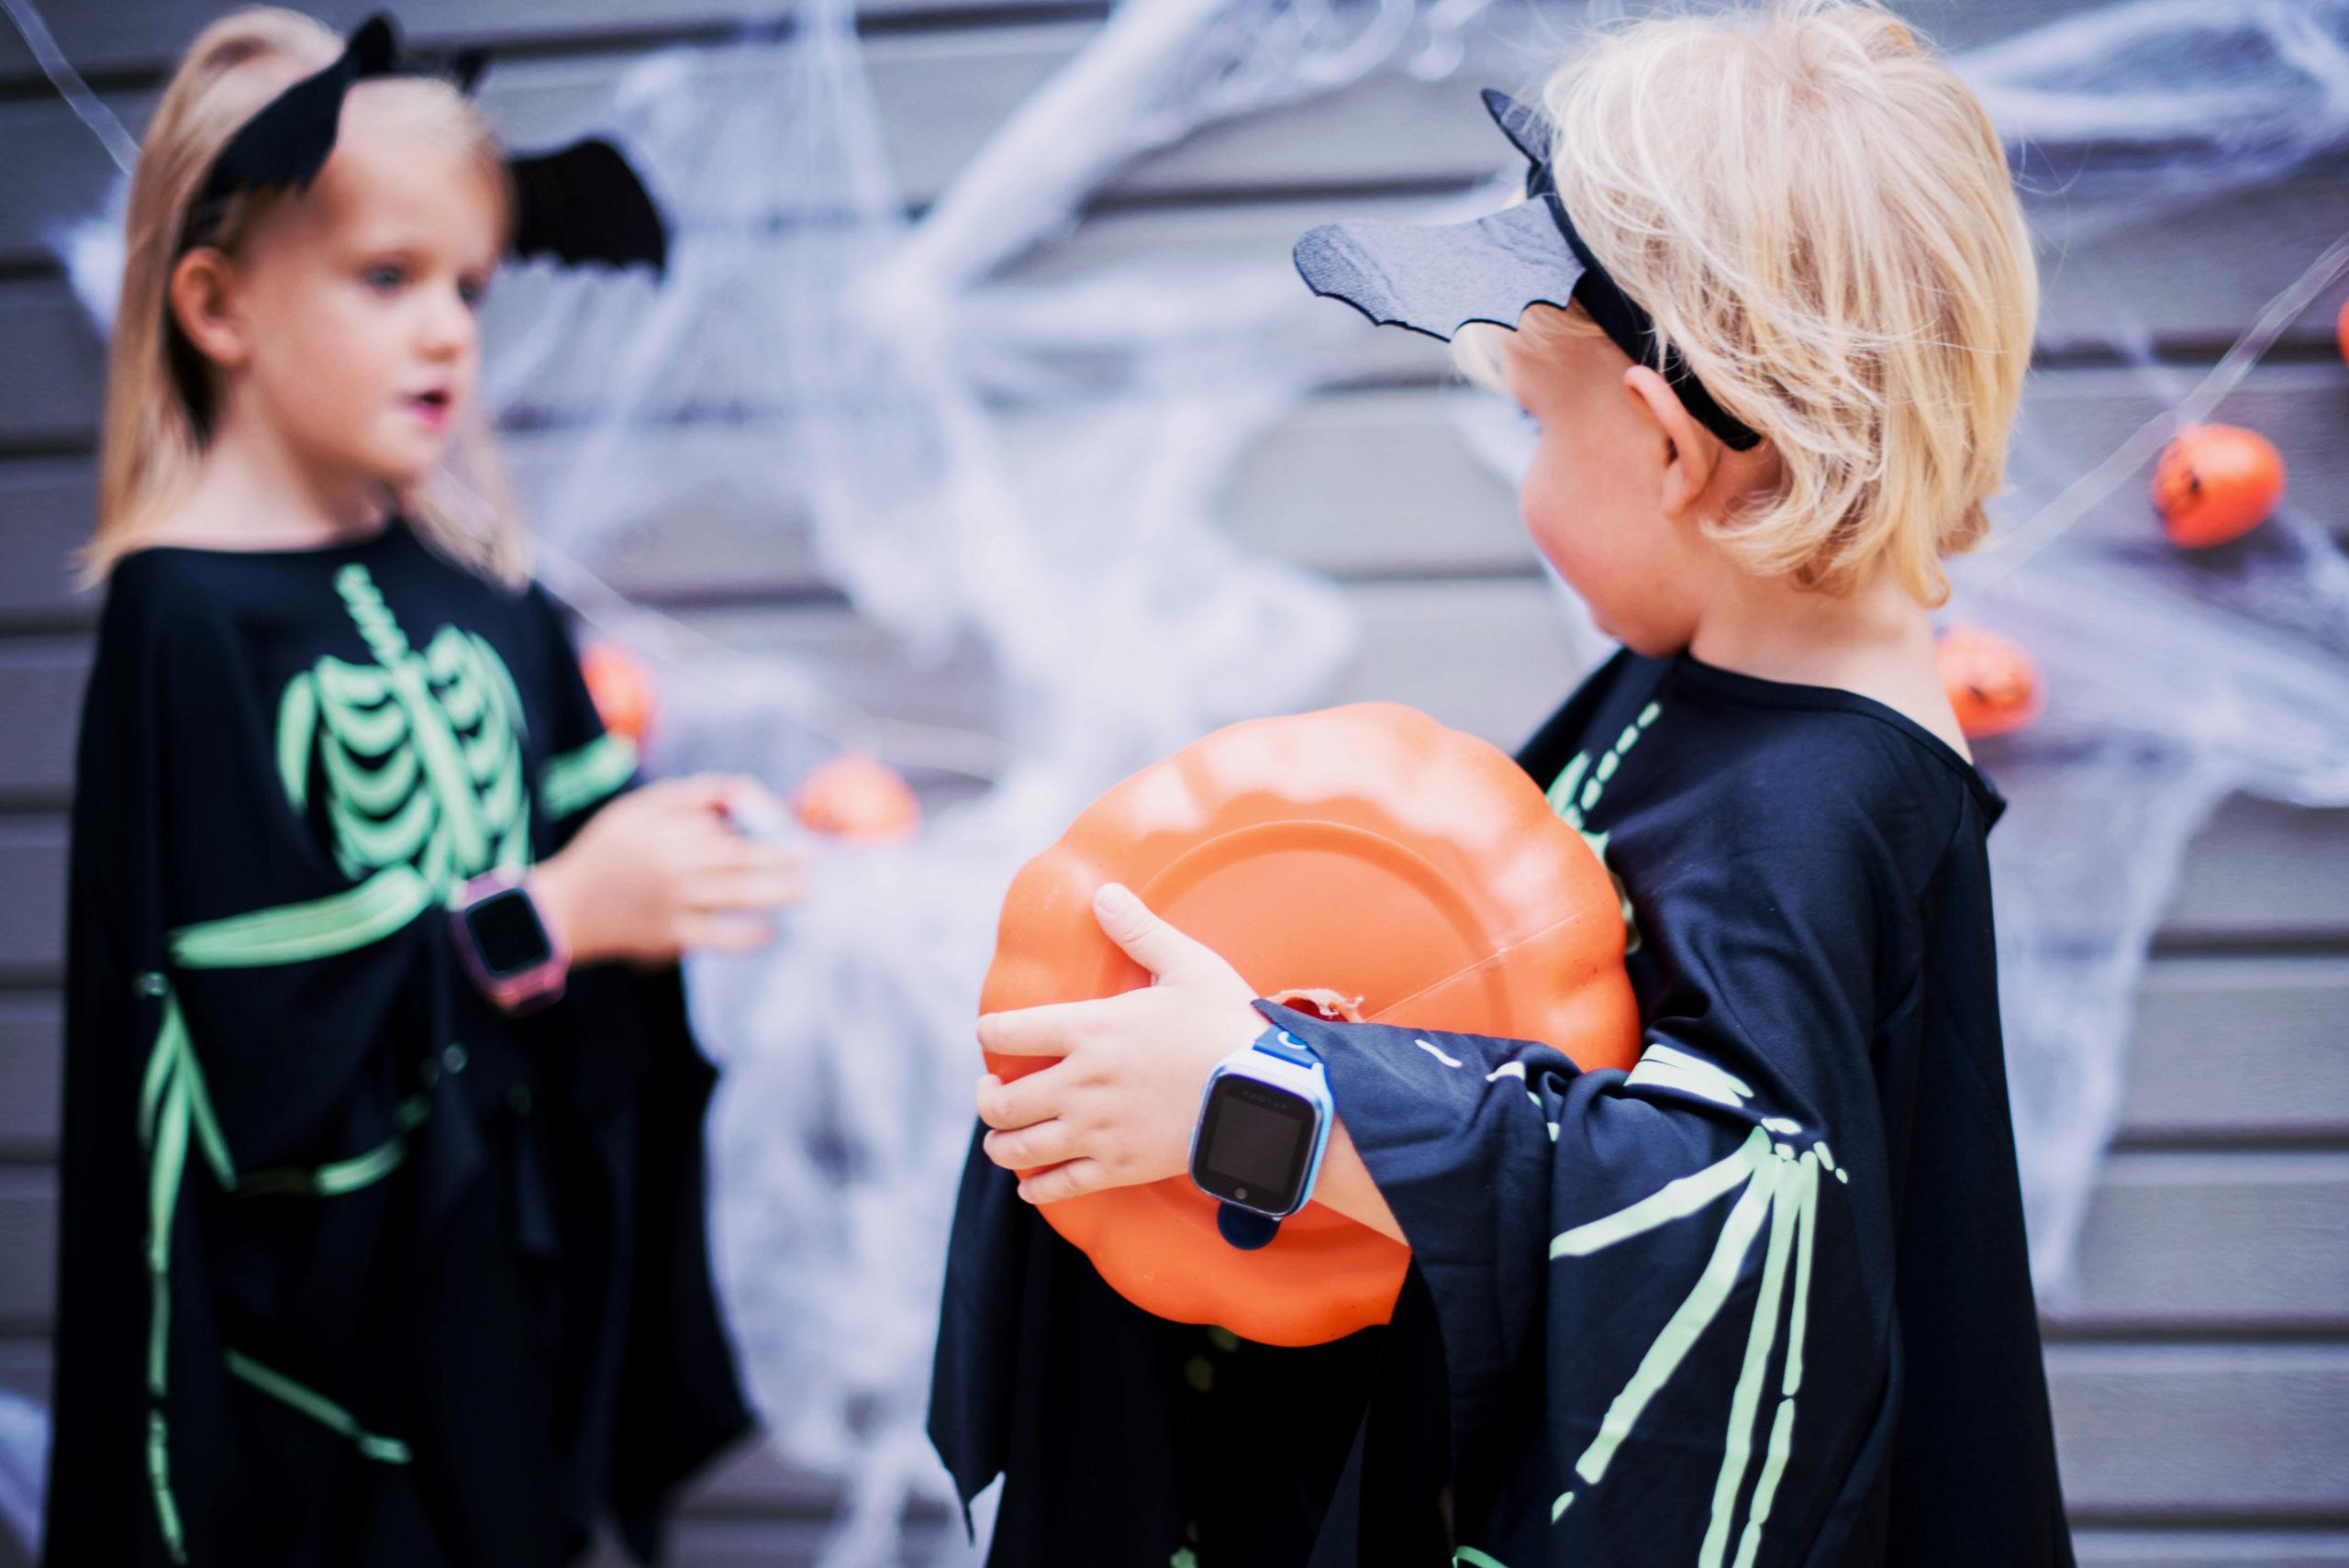 6 (u)hyggelige og sjove ideer til at fejre Halloween i 2020